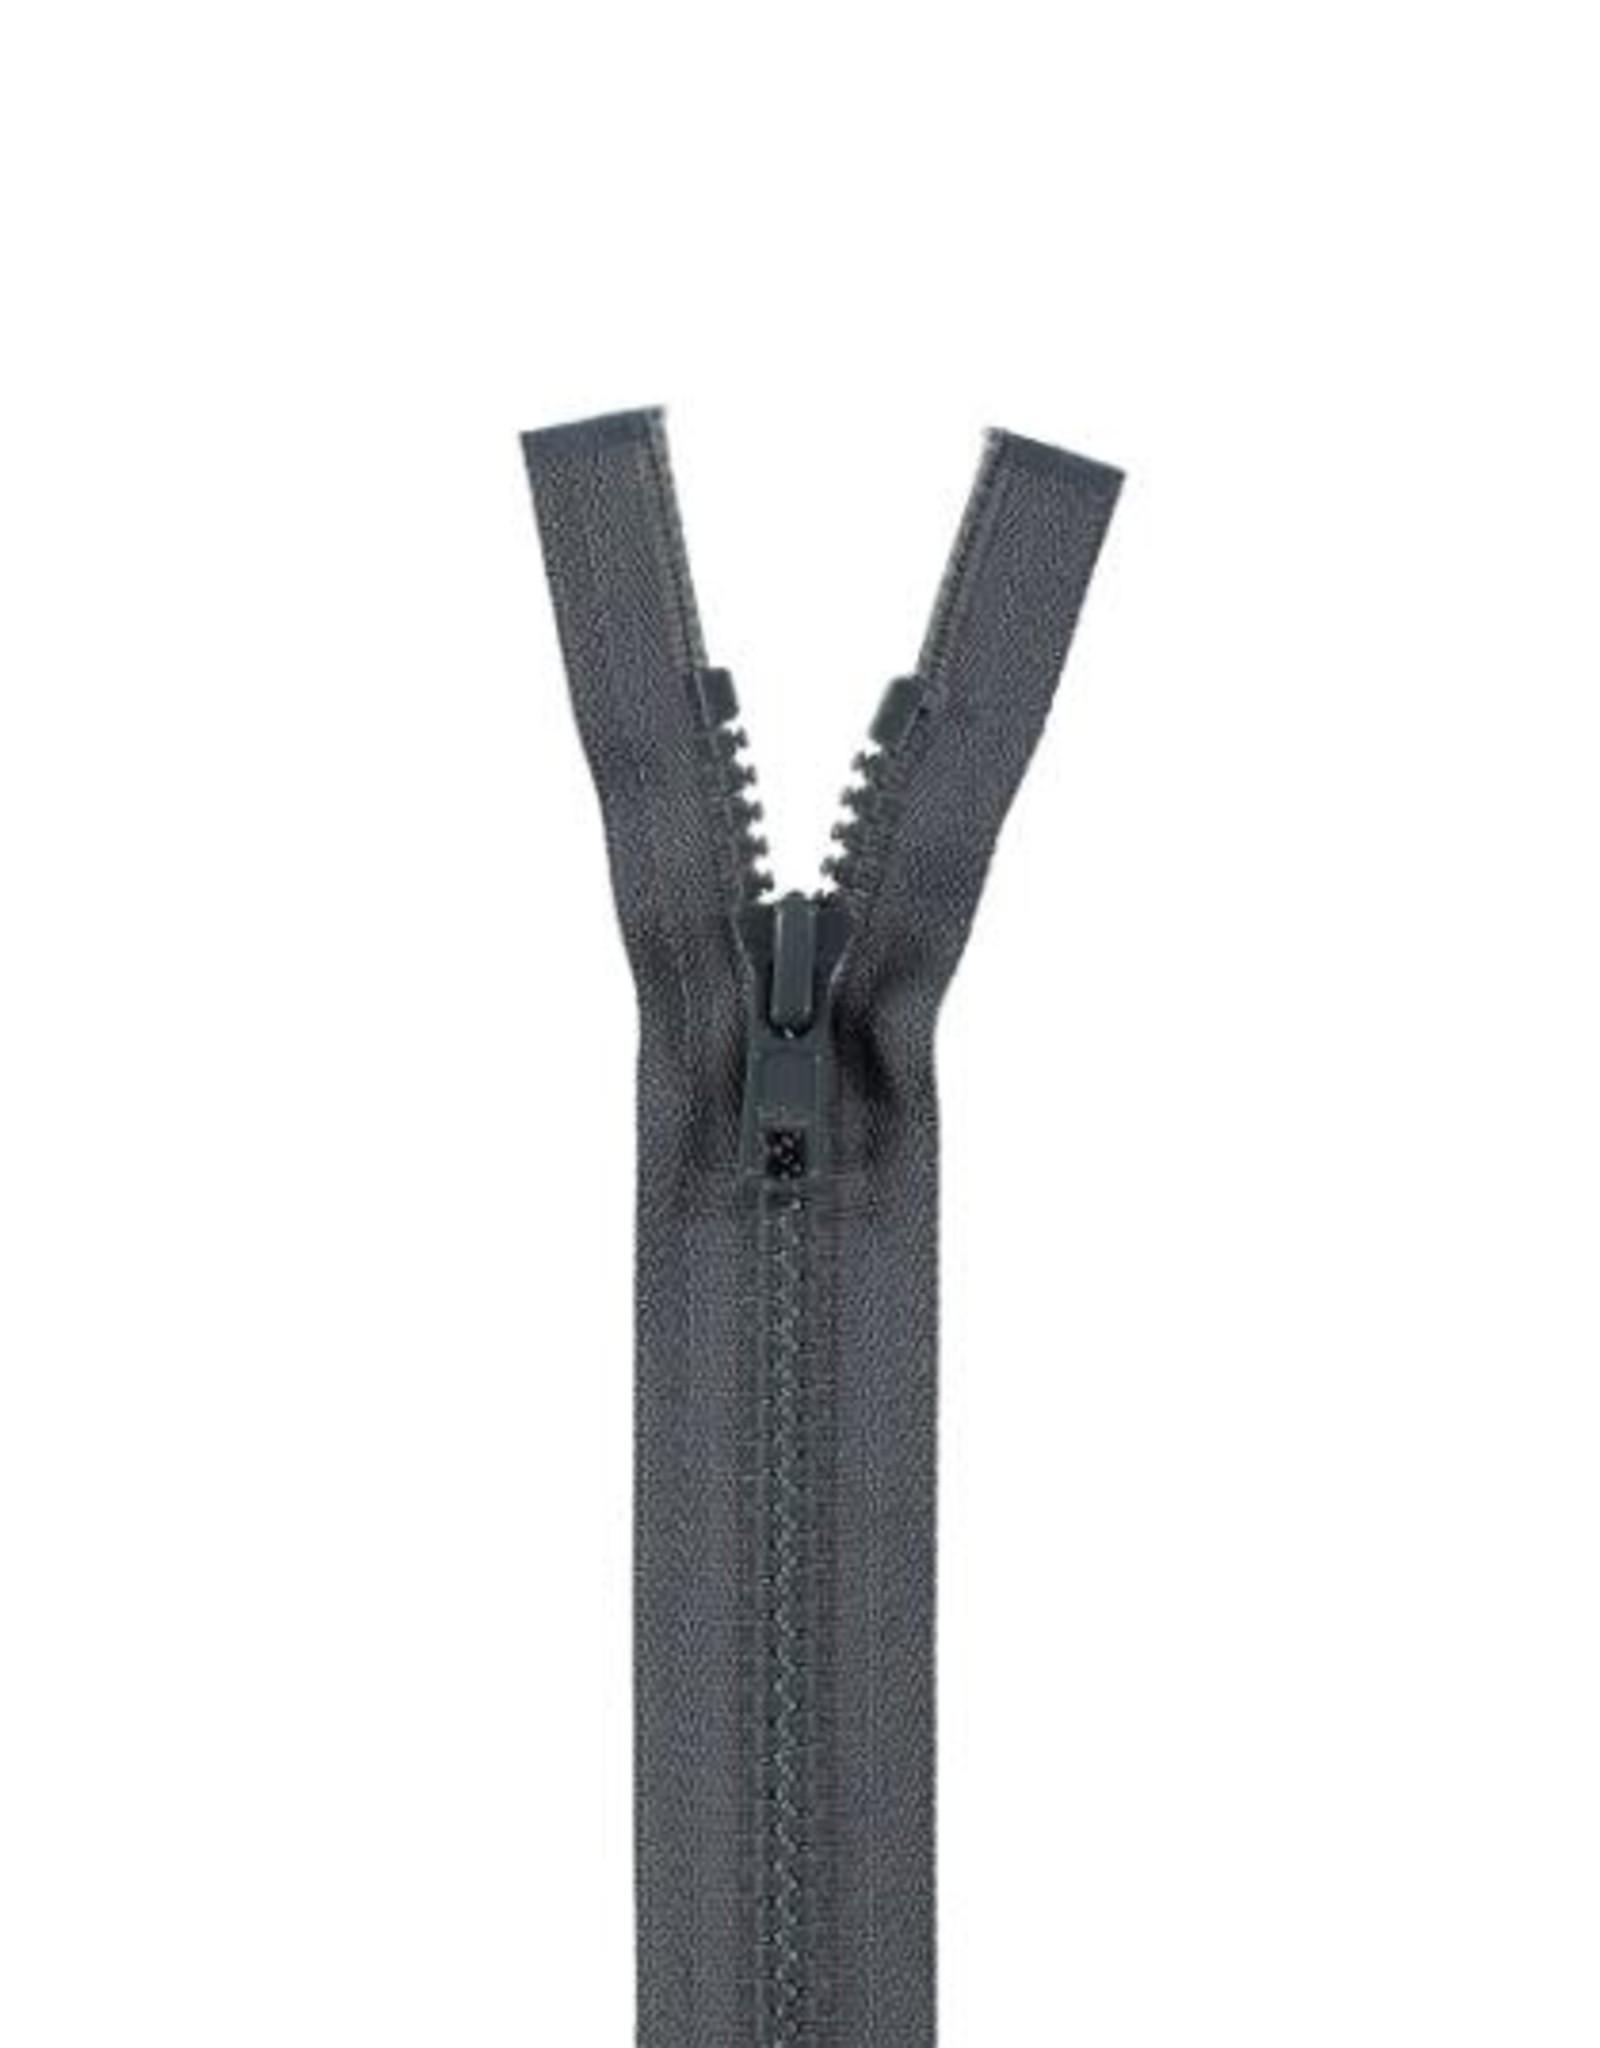 YKK BLOKRITS 5 DEELBAAR d. grijs 579-80cm